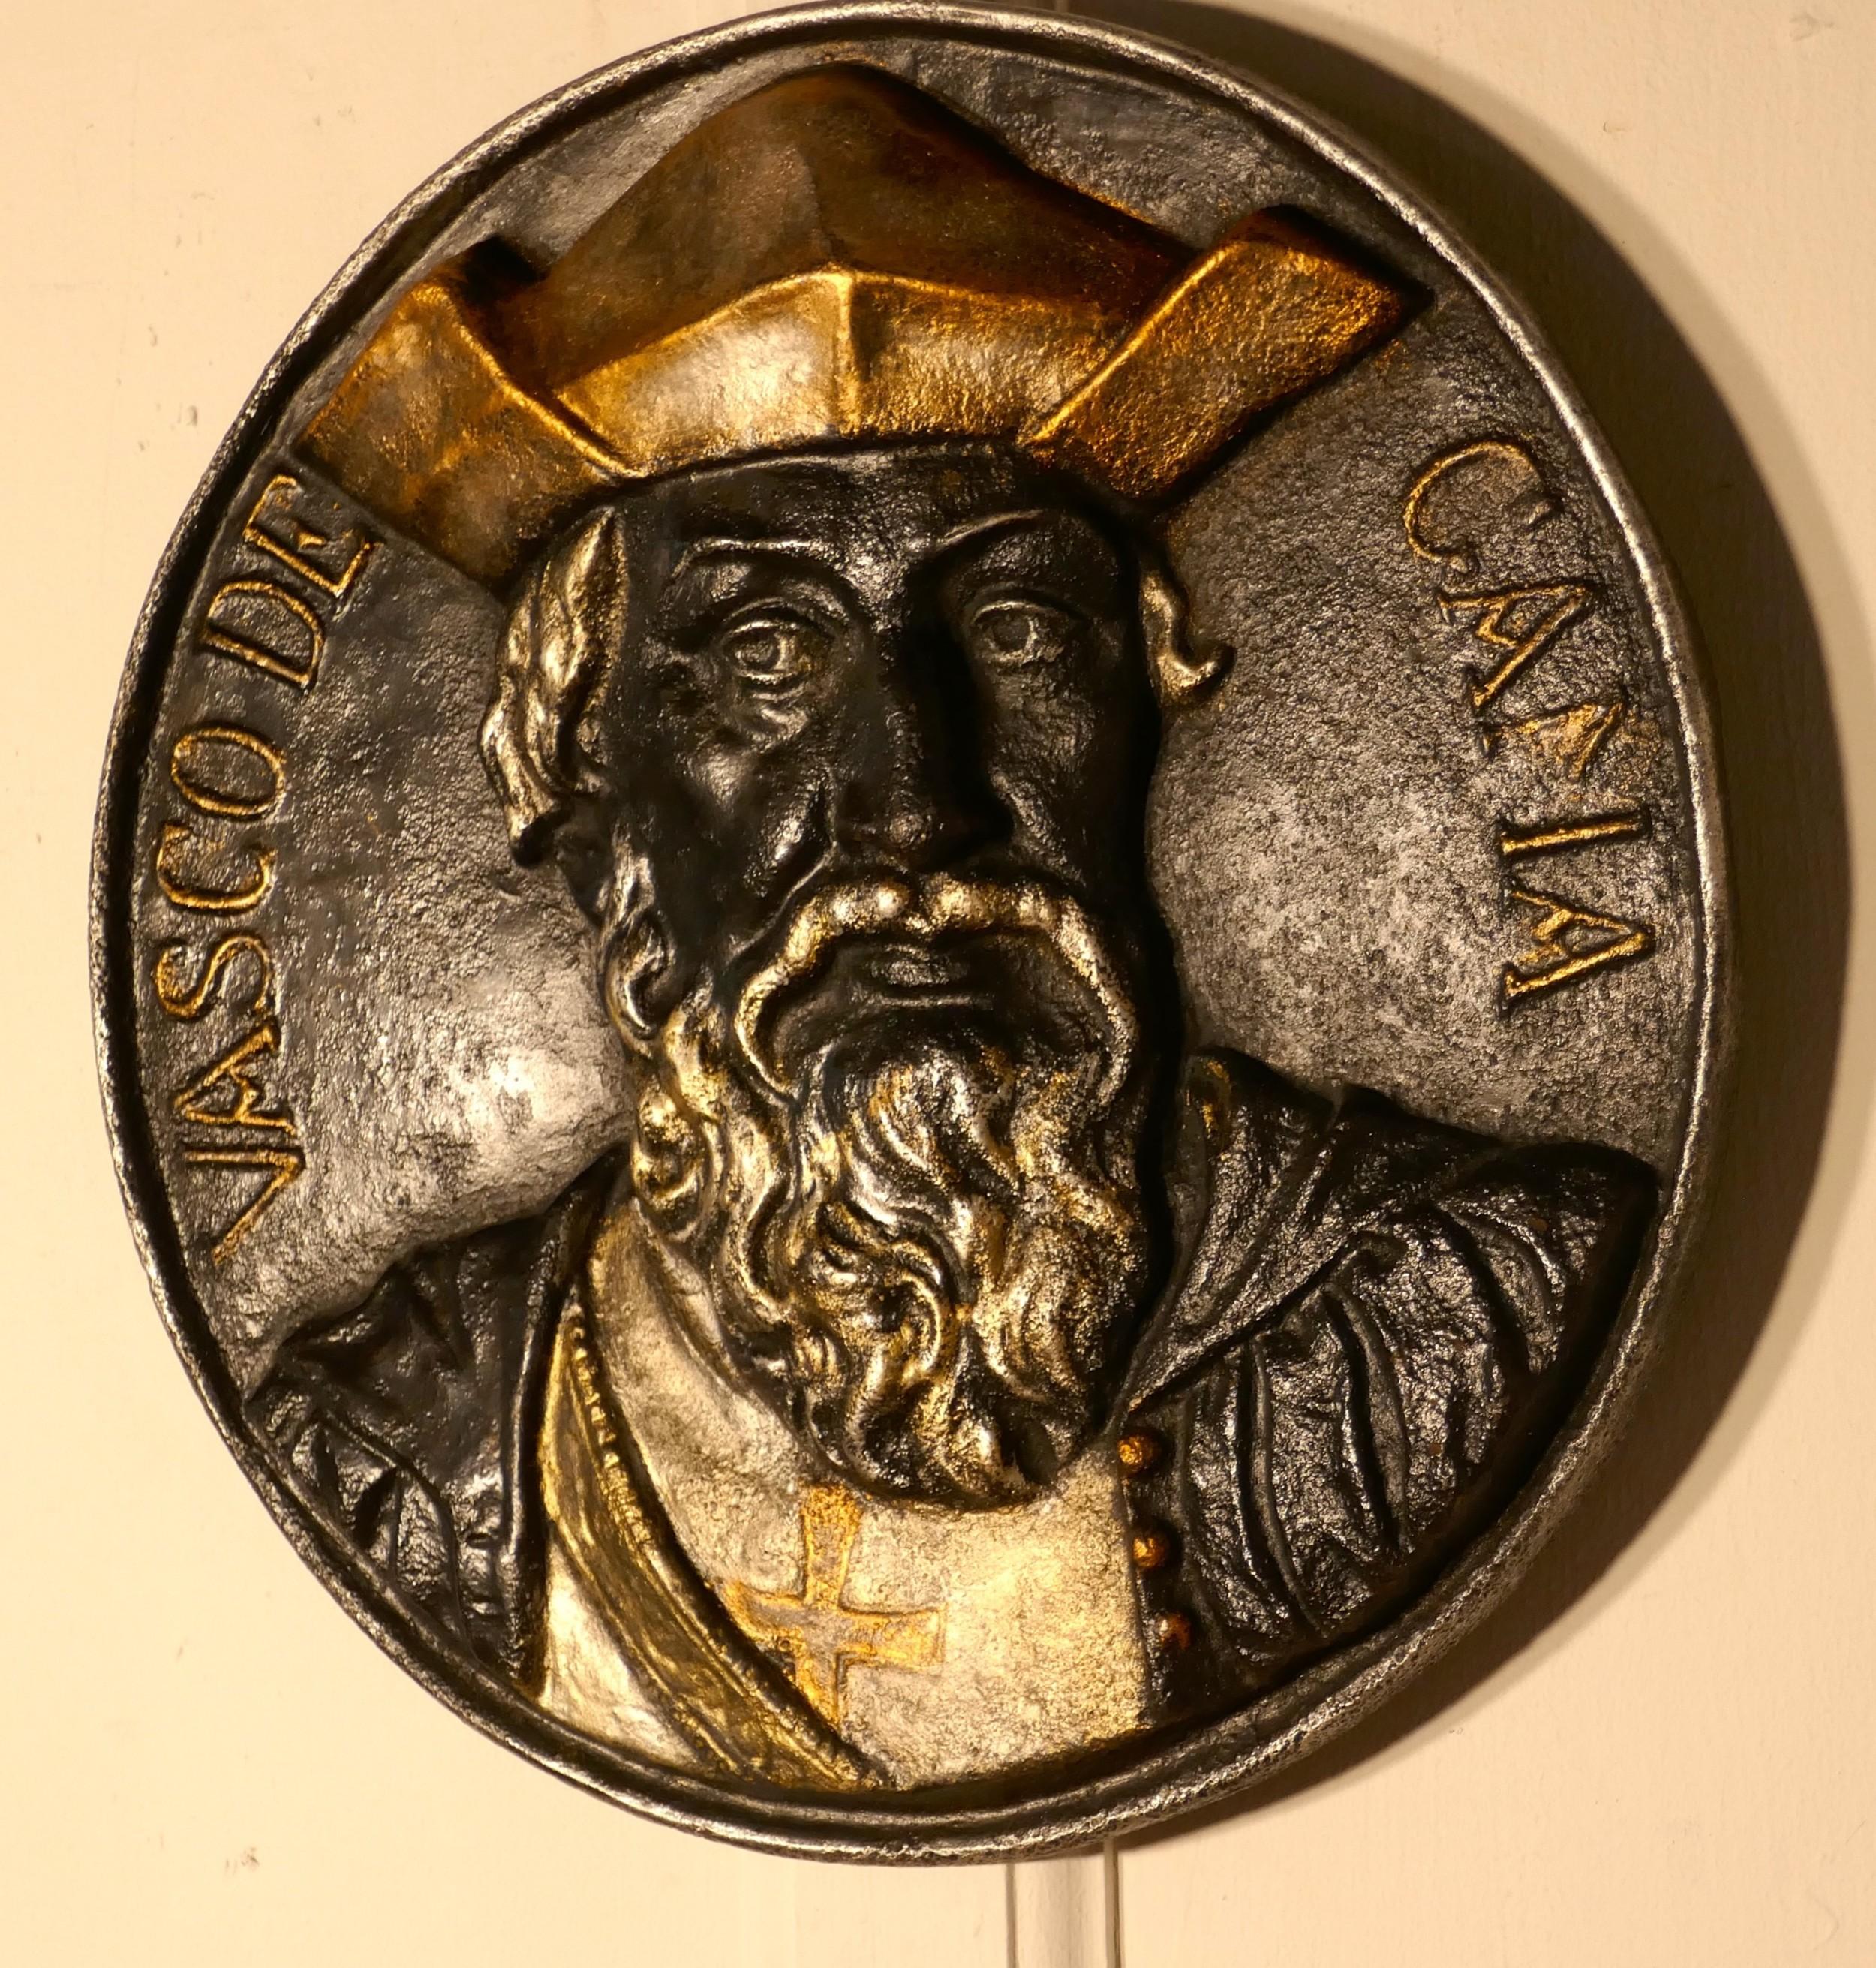 19th c cast iron bust portrait plaque of explorer vasco da gama 14601524